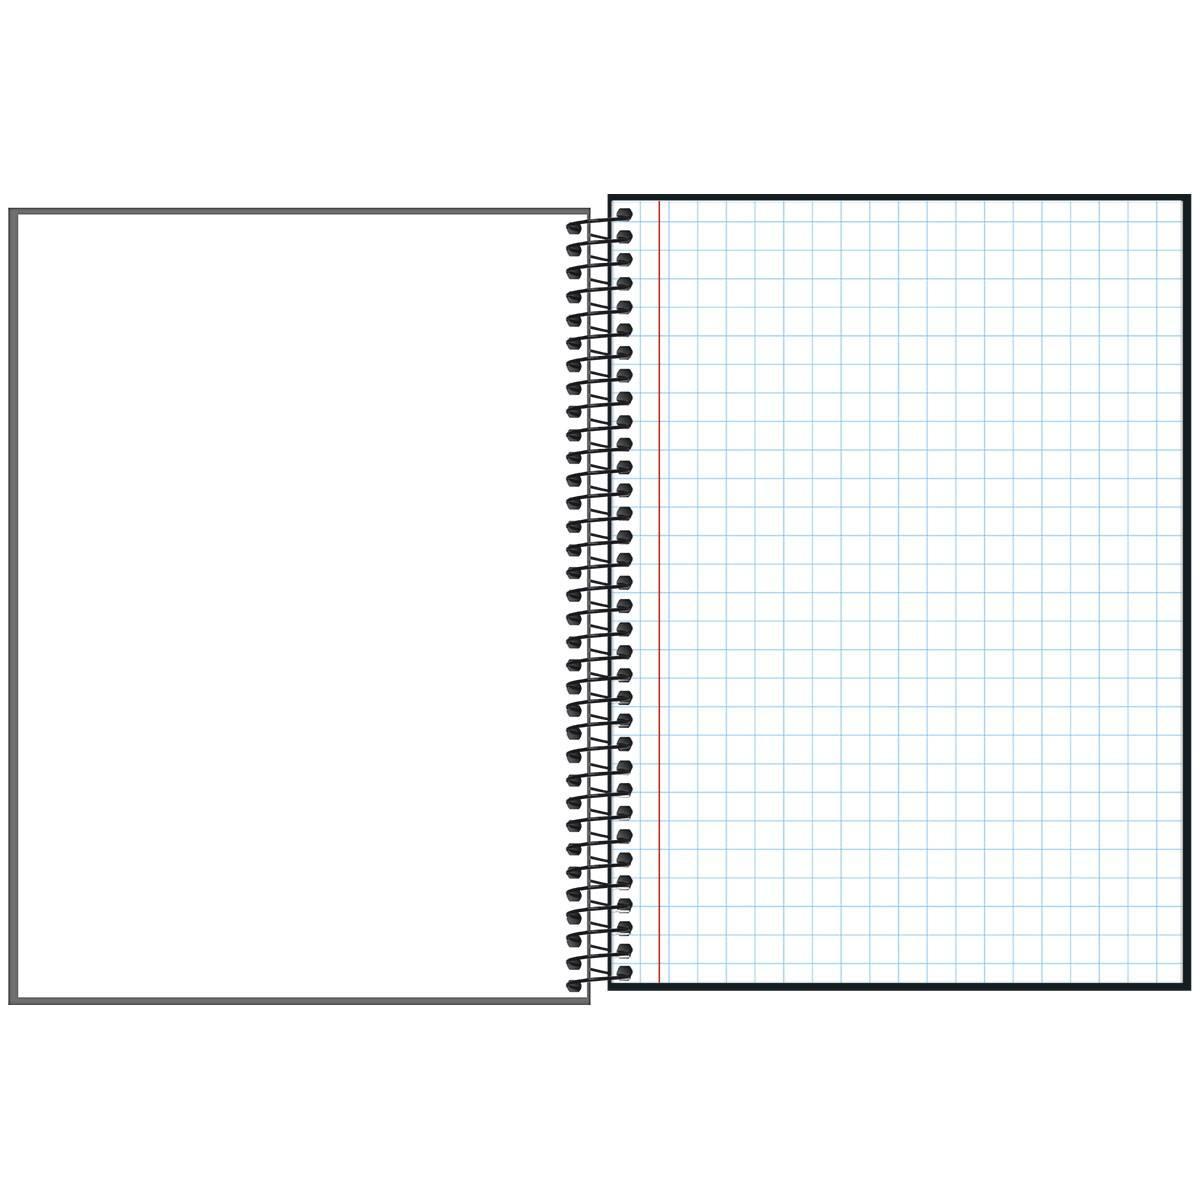 Caderno Quadriculado 1x1cm Espiral Capa Dura Universitário D+ 96 Folhas - Tilibra